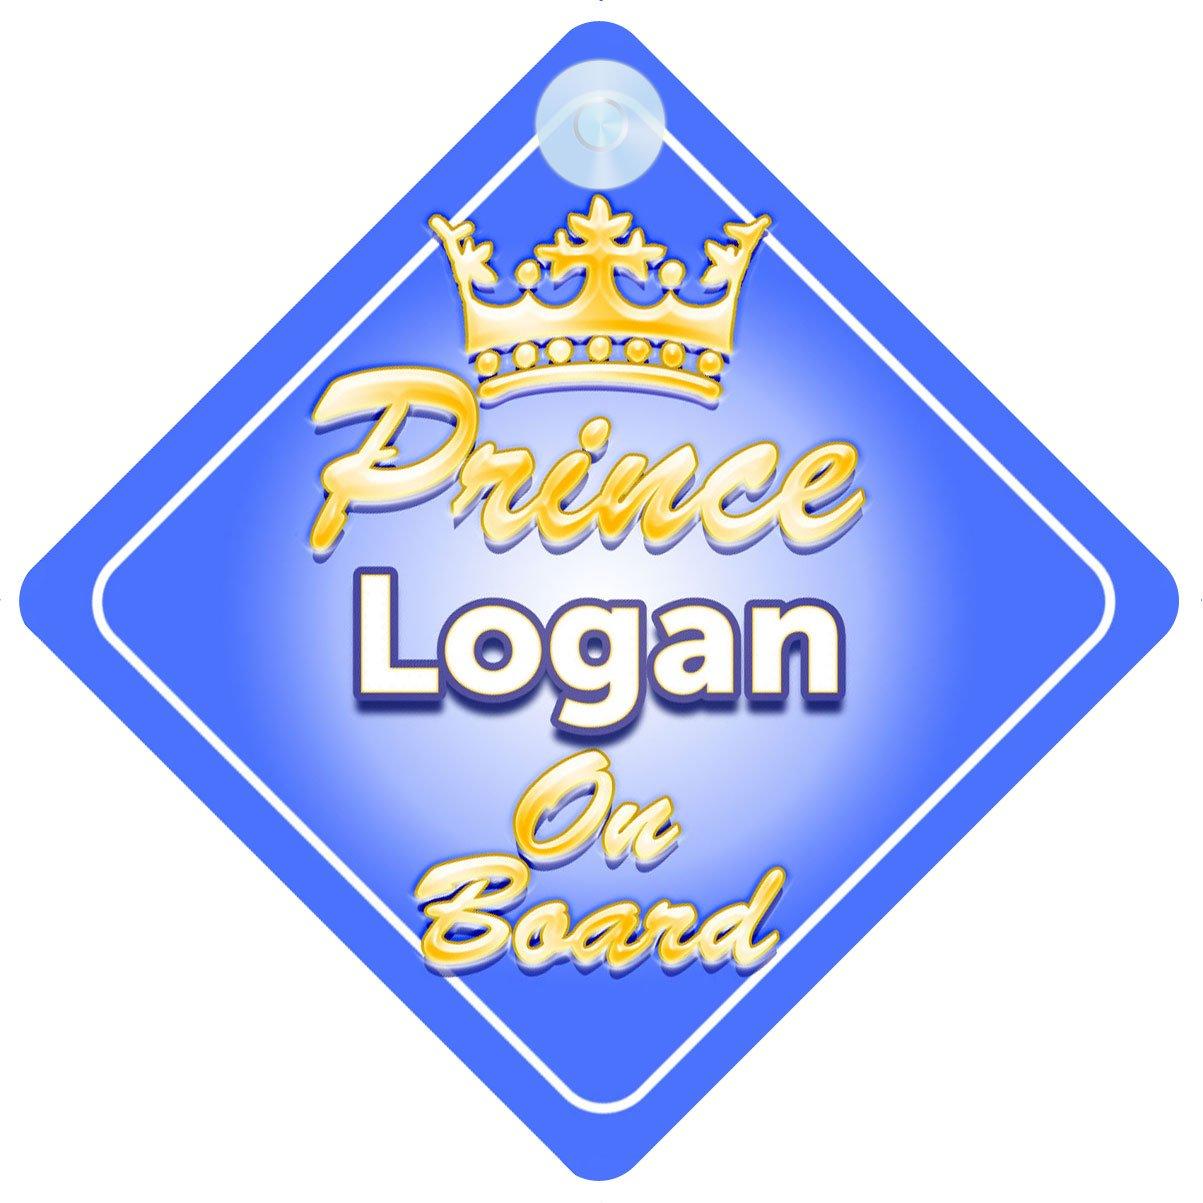 Crown Prince Logan on Board Personnalis/é pour b/éb/é//enfant gar/çons voiture Panneau